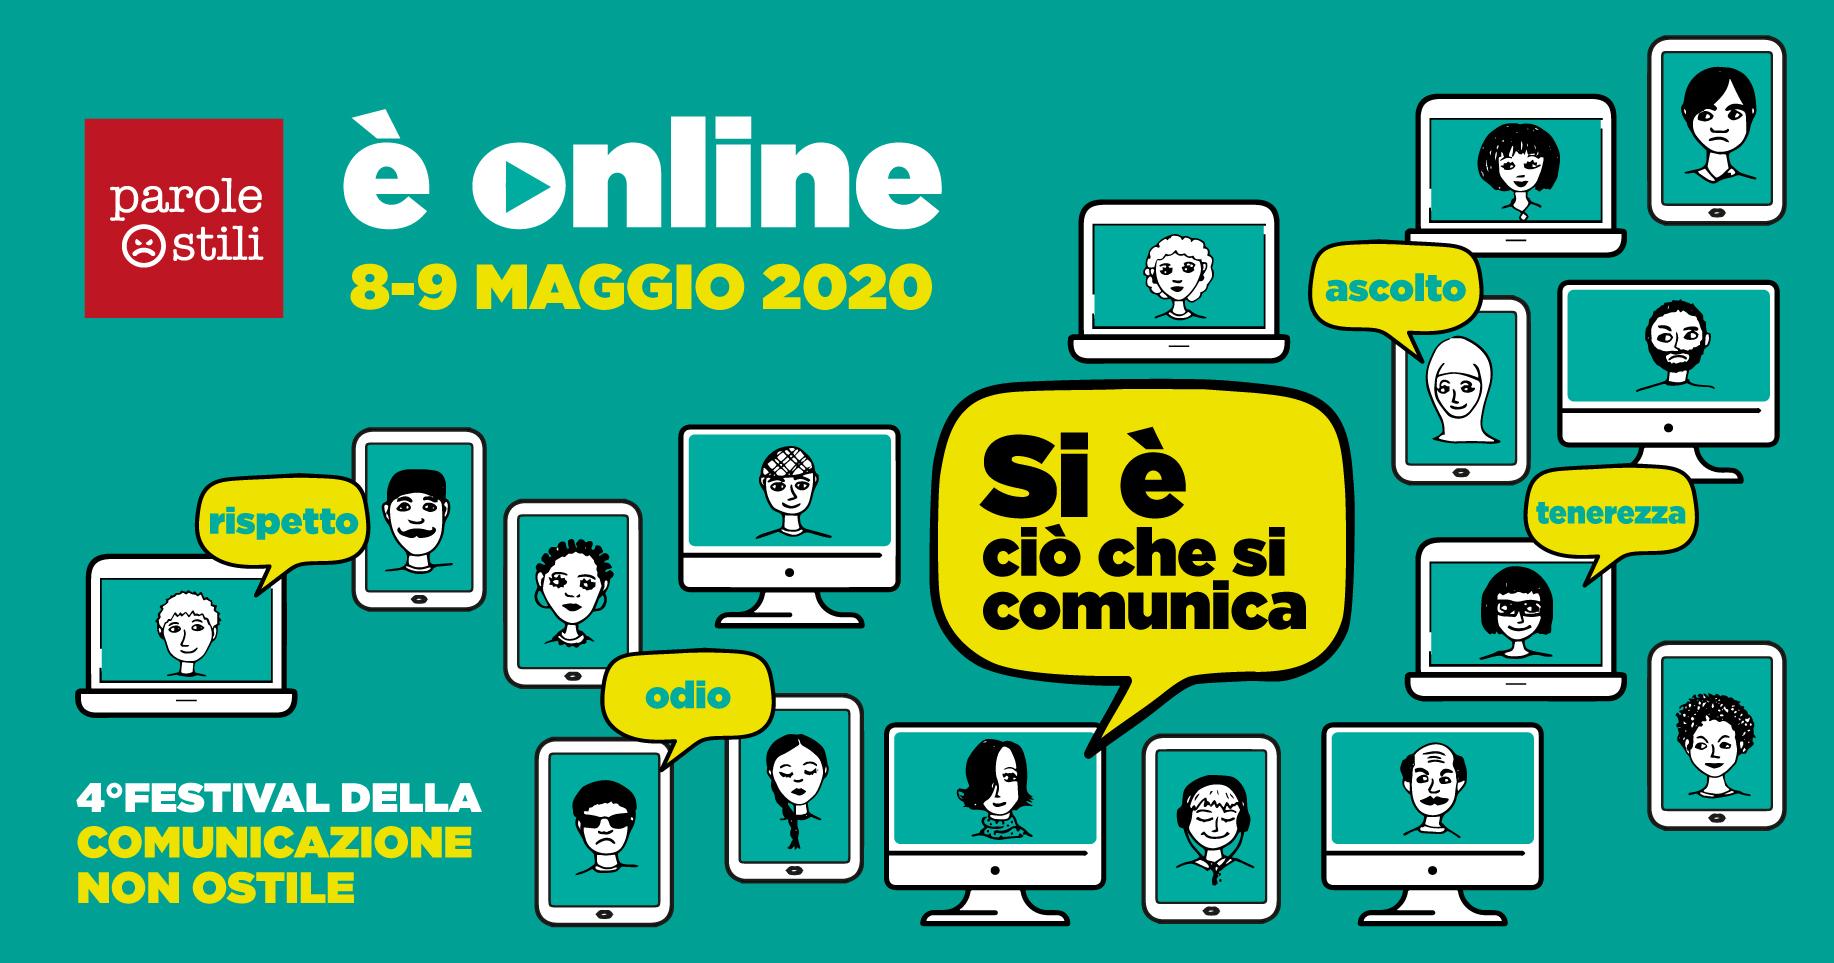 PRATICHIAMO LA COMUNICAZIONE CON STILE…NON O_STILE